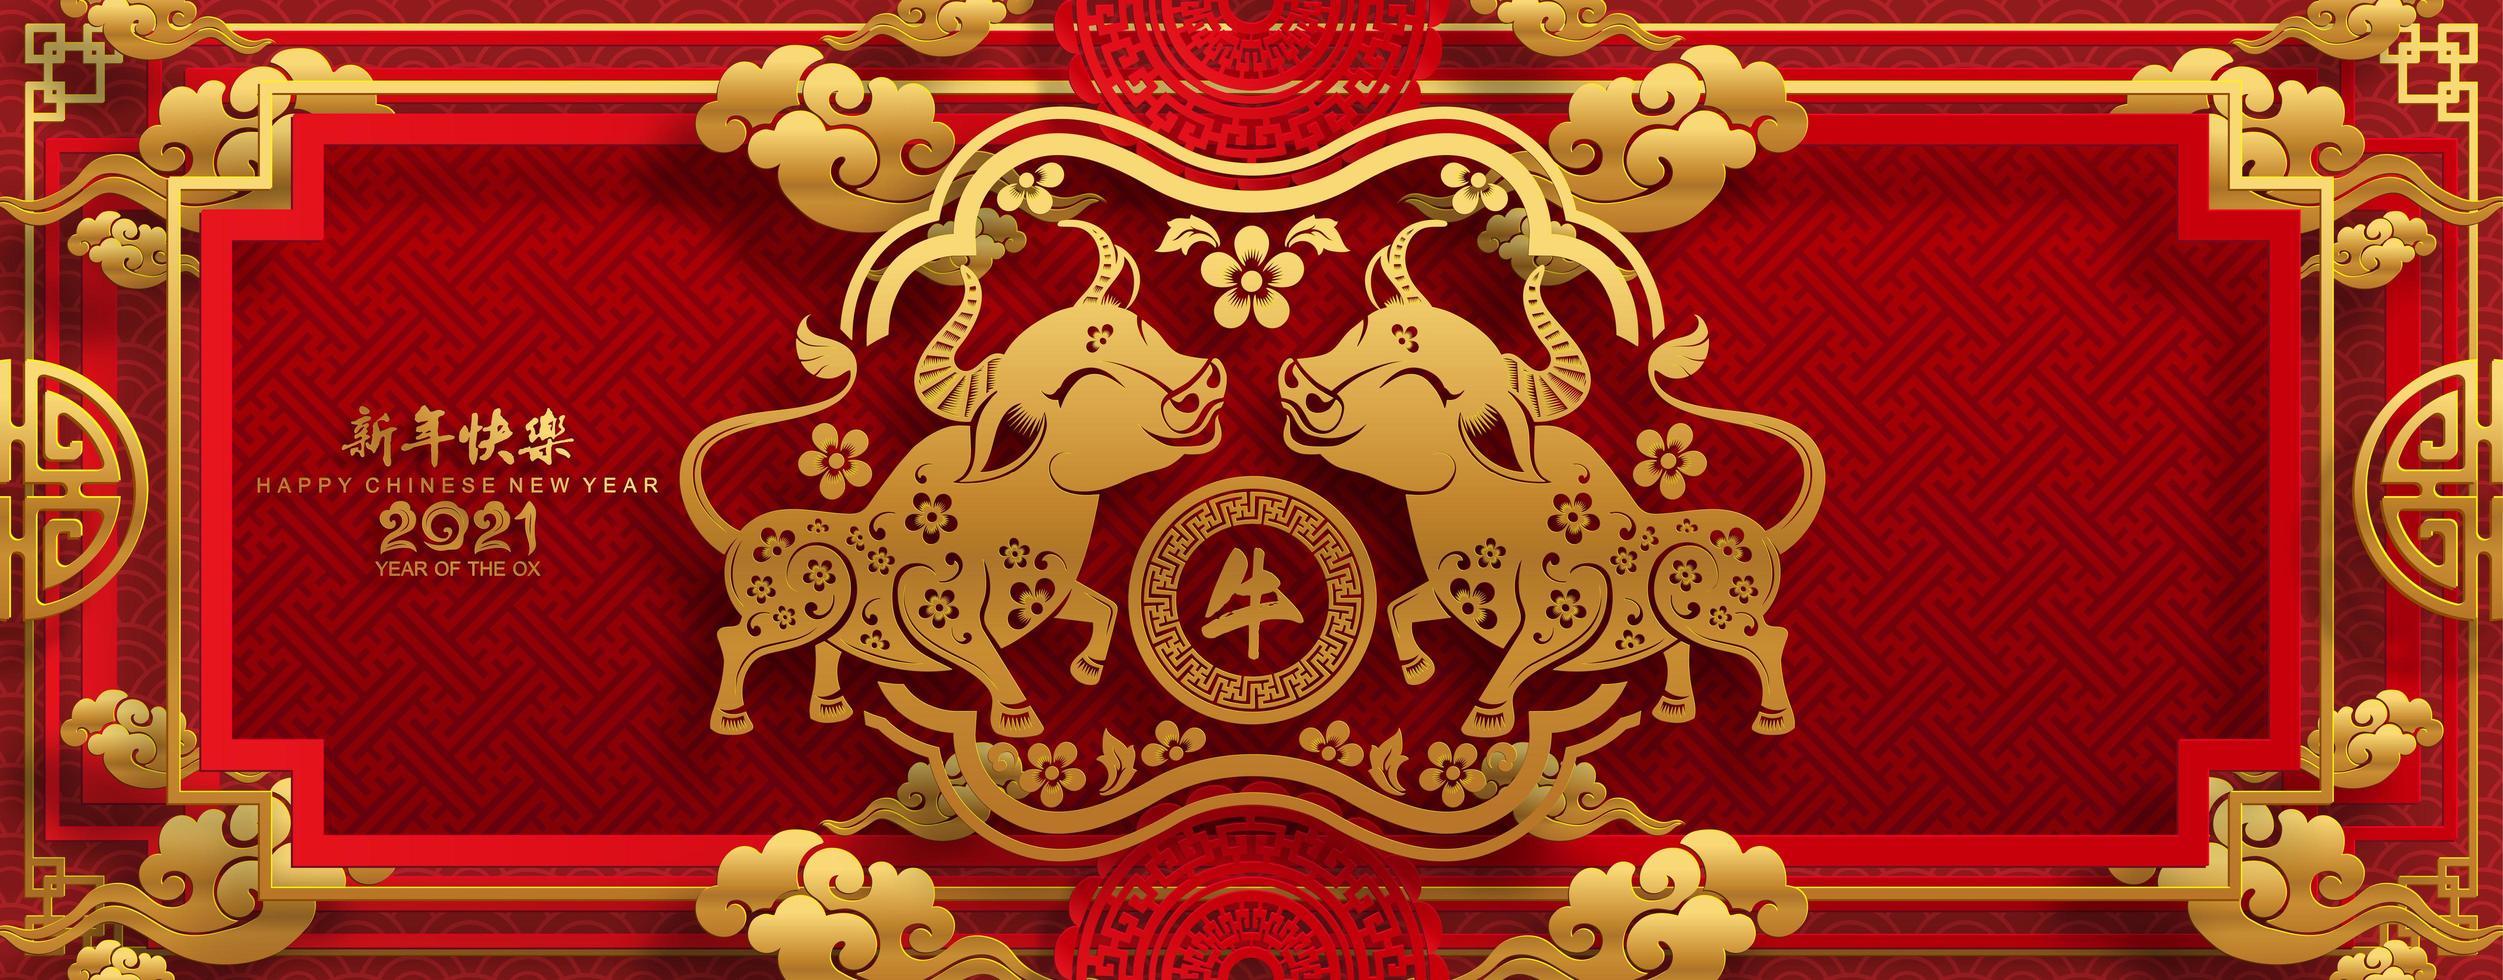 kinesiska nyåret 2021 banner med gyllene oxar vektor